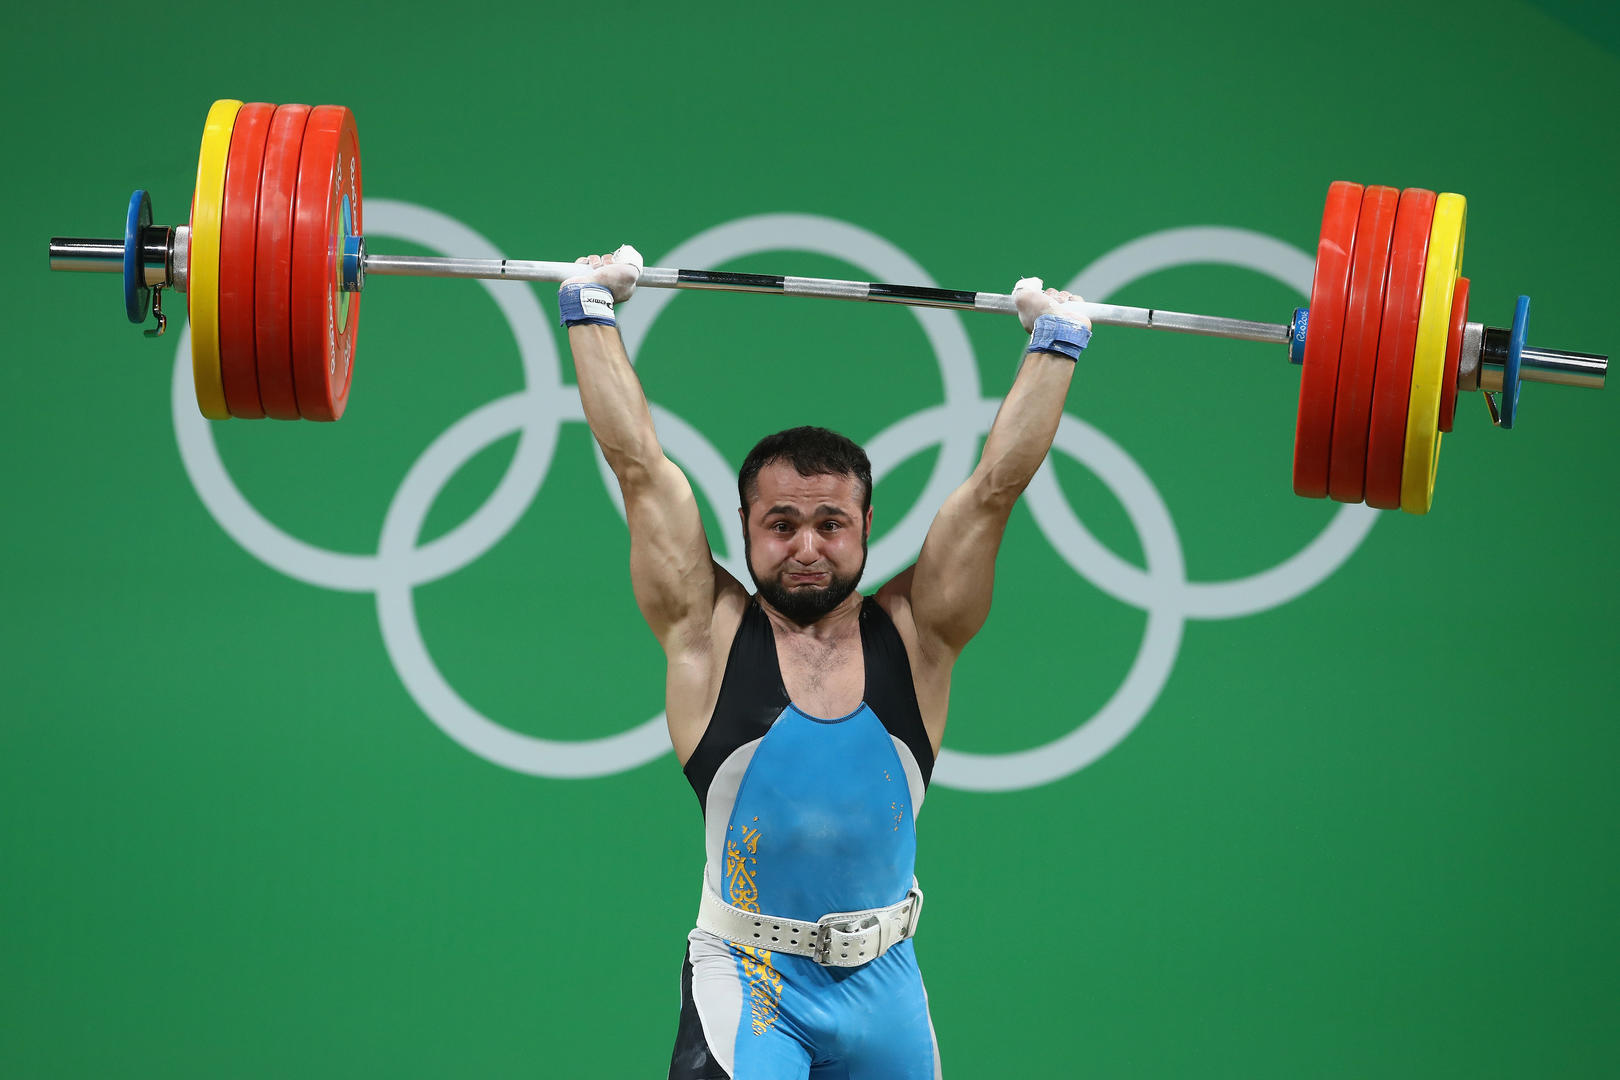 里约奥运举重冠军涉嫌兴奋剂违规 中国名将或将递补摘金